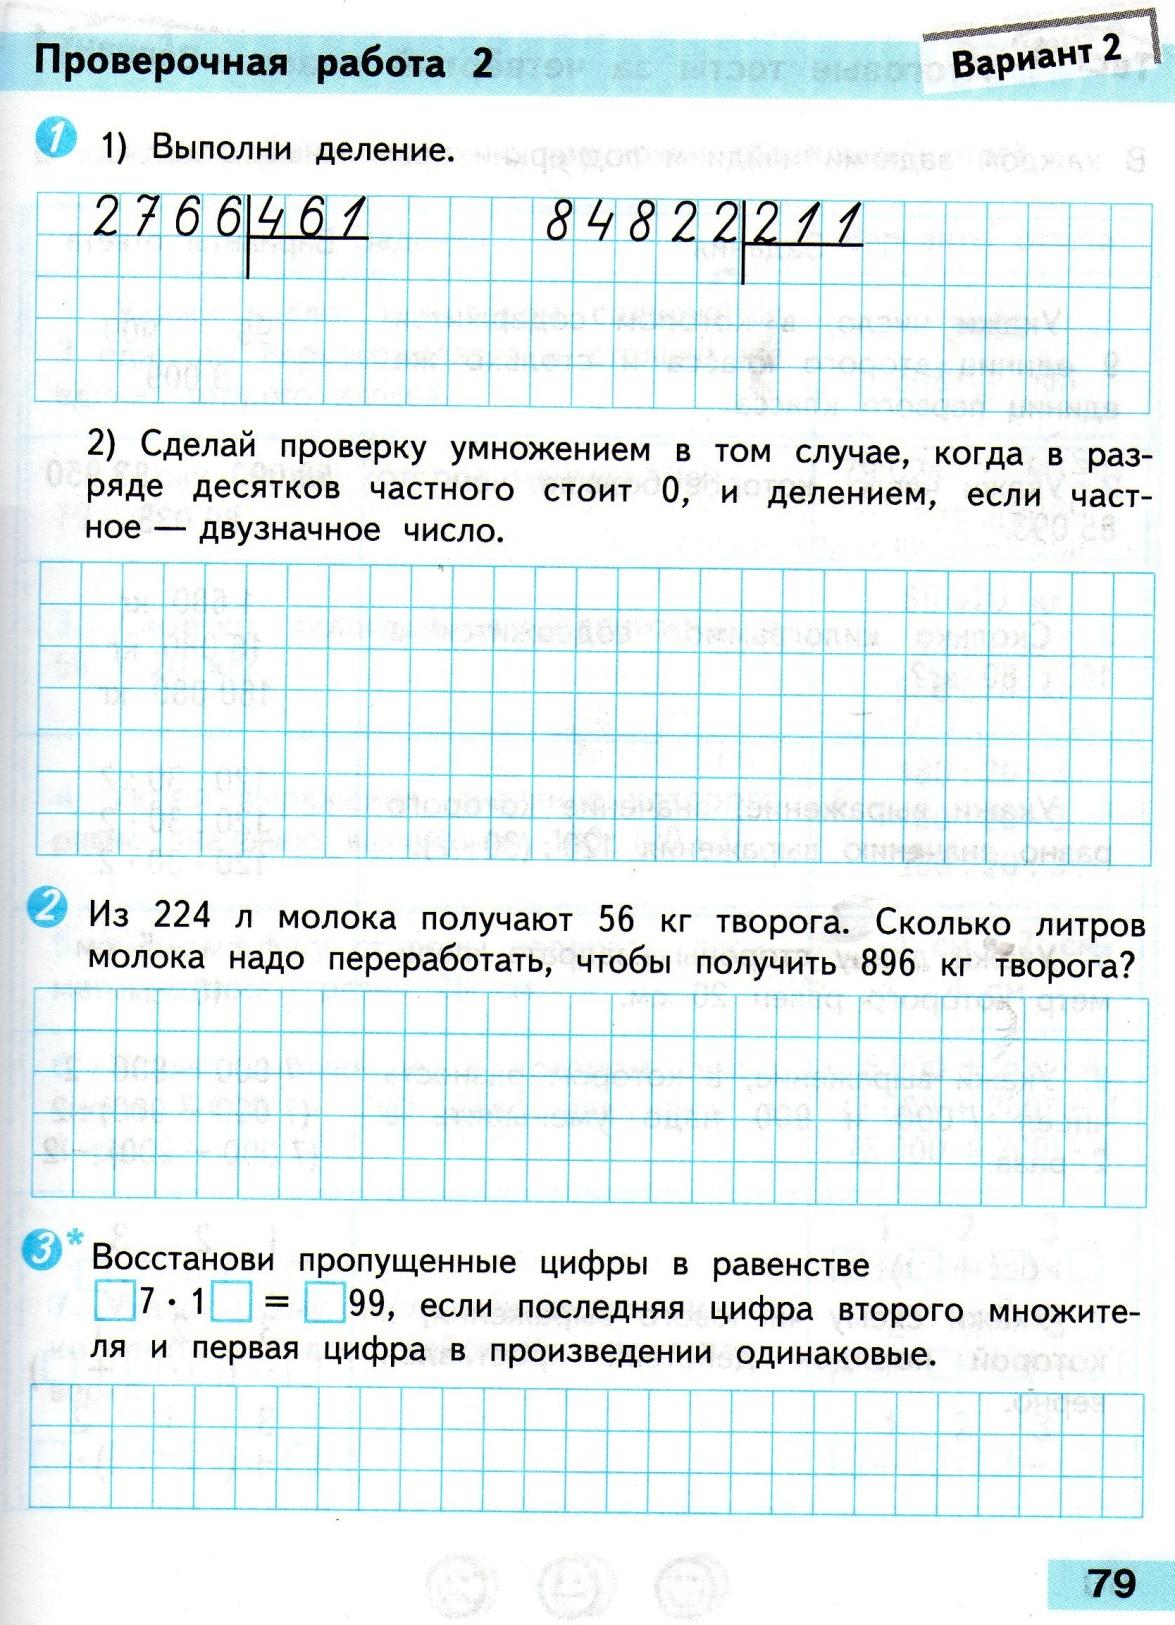 C:\Documents and Settings\Admin\Мои документы\Мои рисунки\1578.jpg